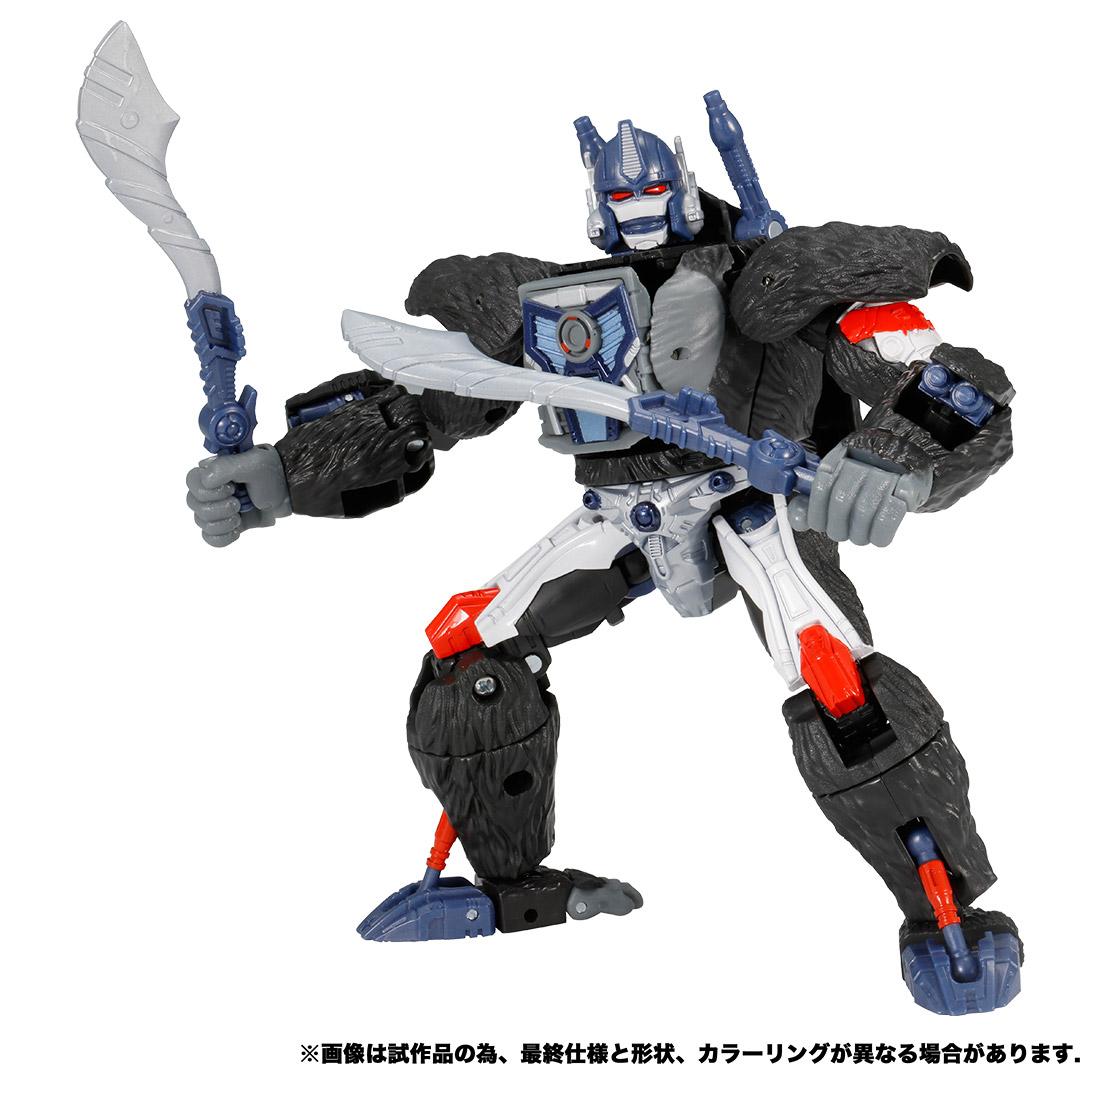 トランスフォーマー キングダム『KD-01 オプティマスプライマル』ビーストウォーズ 可変可動フィギュア-001